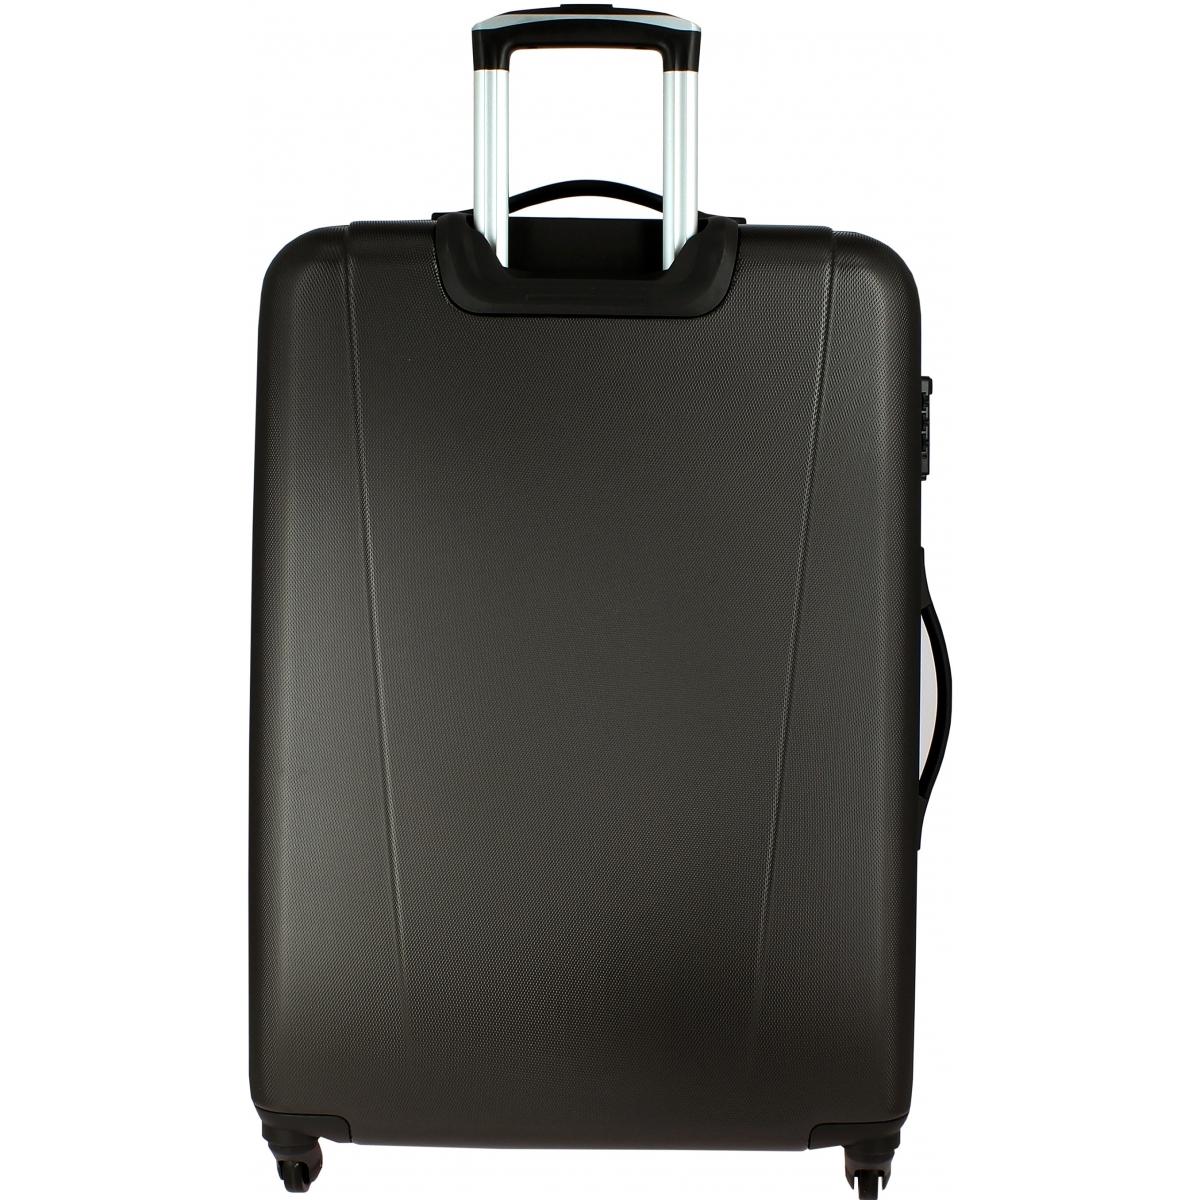 valise delsey extendo 76cm extendo821 couleur principale beige fonc promotion. Black Bedroom Furniture Sets. Home Design Ideas